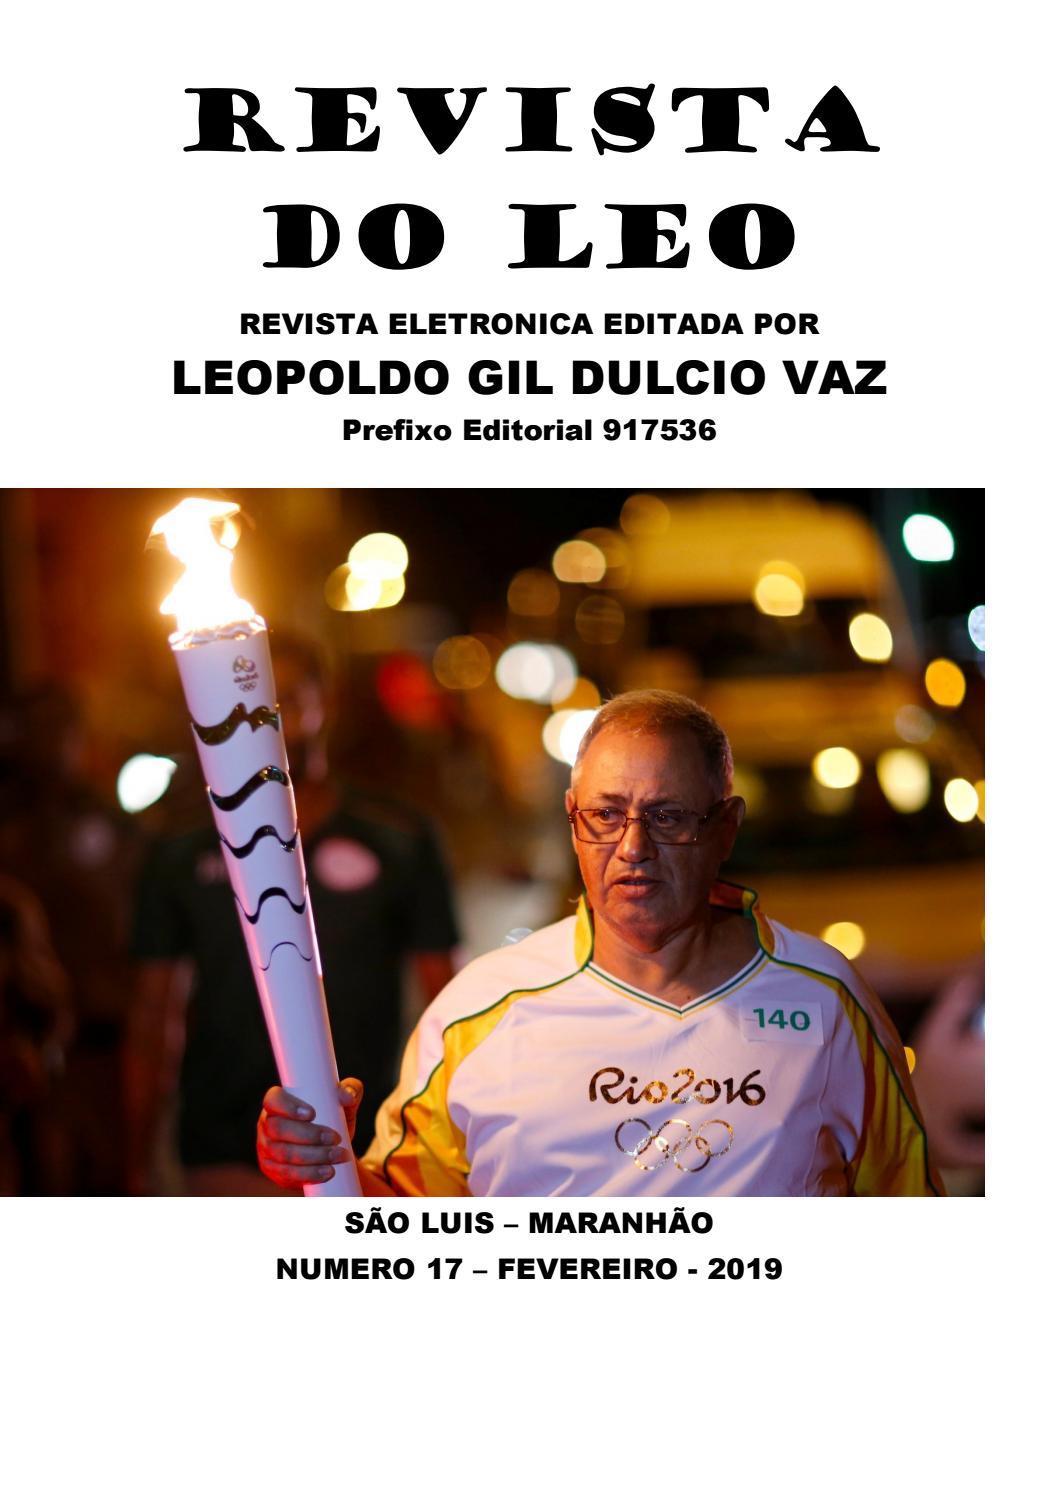 c0439cccf REVISTA DO LÉO 17 - FEVEREIRO DE 2019 by Leopoldo Gil Dulcio Vaz - issuu